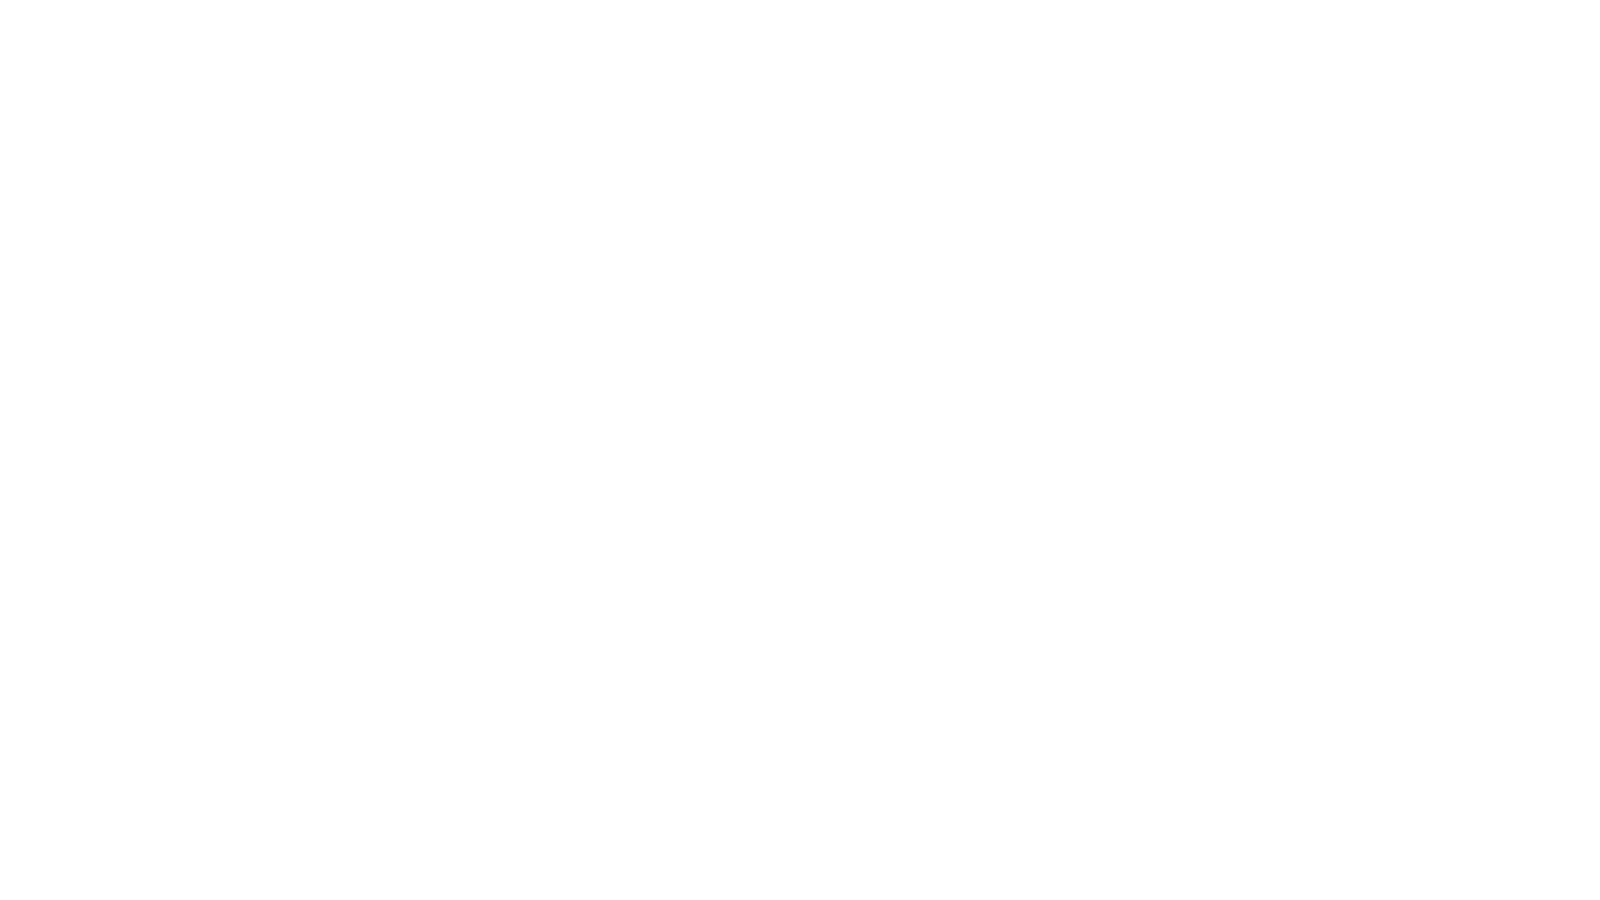 علا بياض في حوار مع الدكتورة هند صعب الاخصائية النفسية وطرح بعض المشاكل  والحلول لاجتياز ازمة الحجر التي يعاني منها المواطن الاسترالي